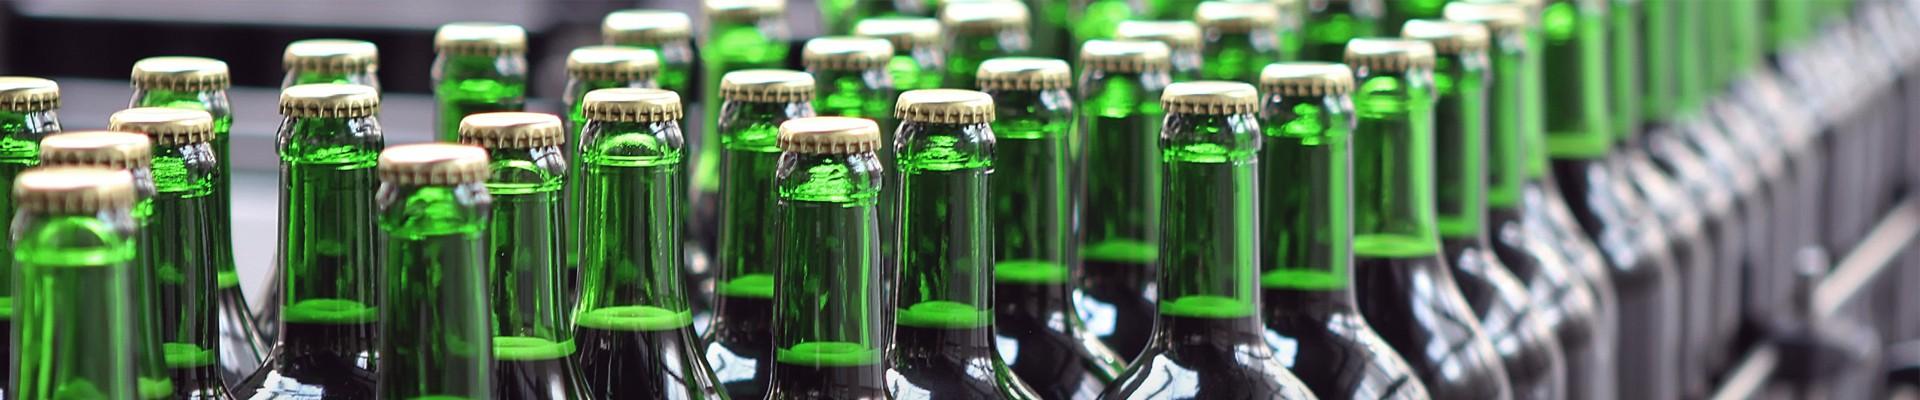 Het produceren van bierflesjes